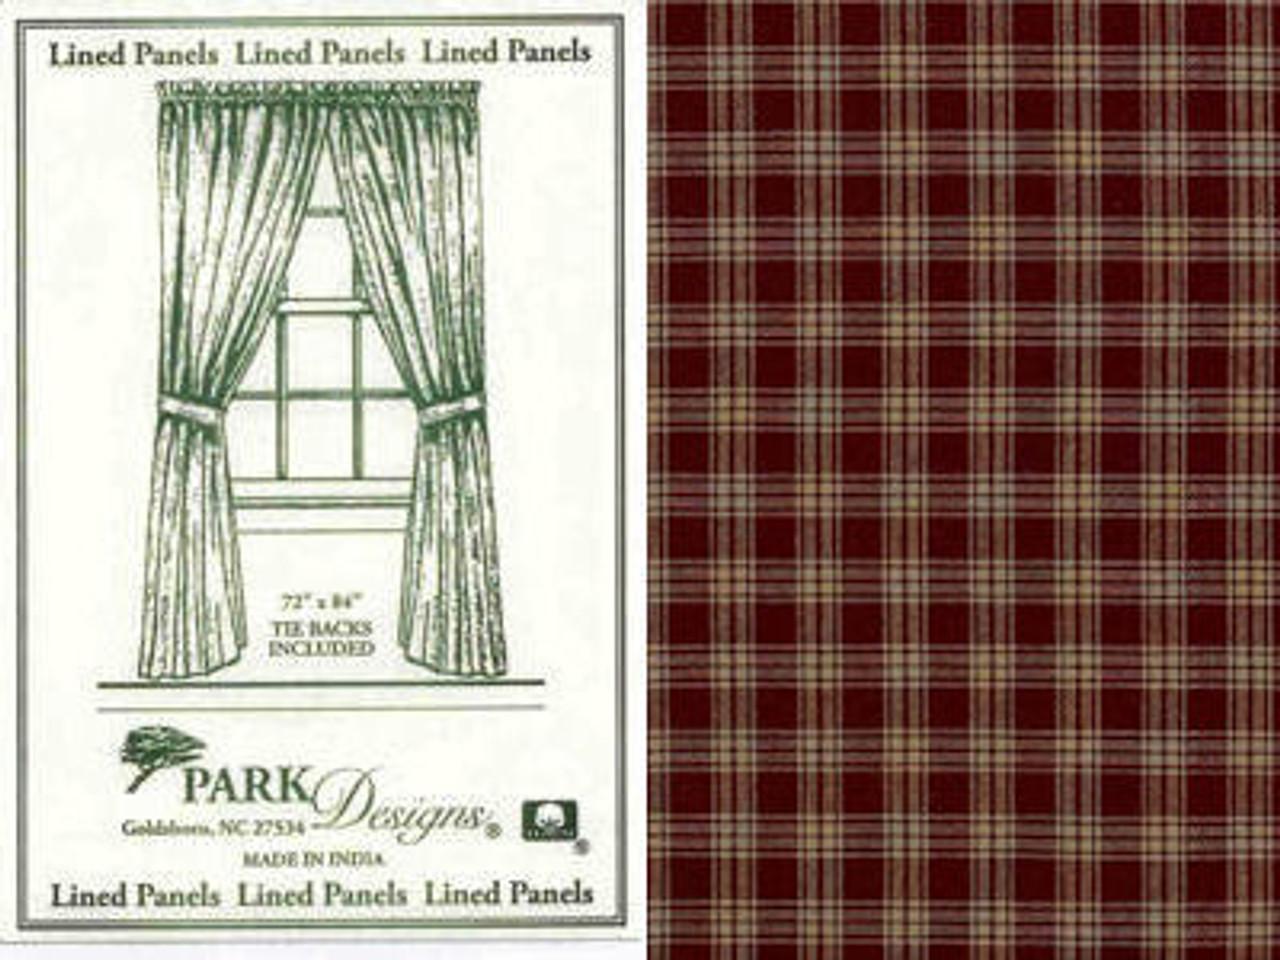 Black 84 Park Desisgns 315-431R 84 Park Designs Sturbridge Lined Panel